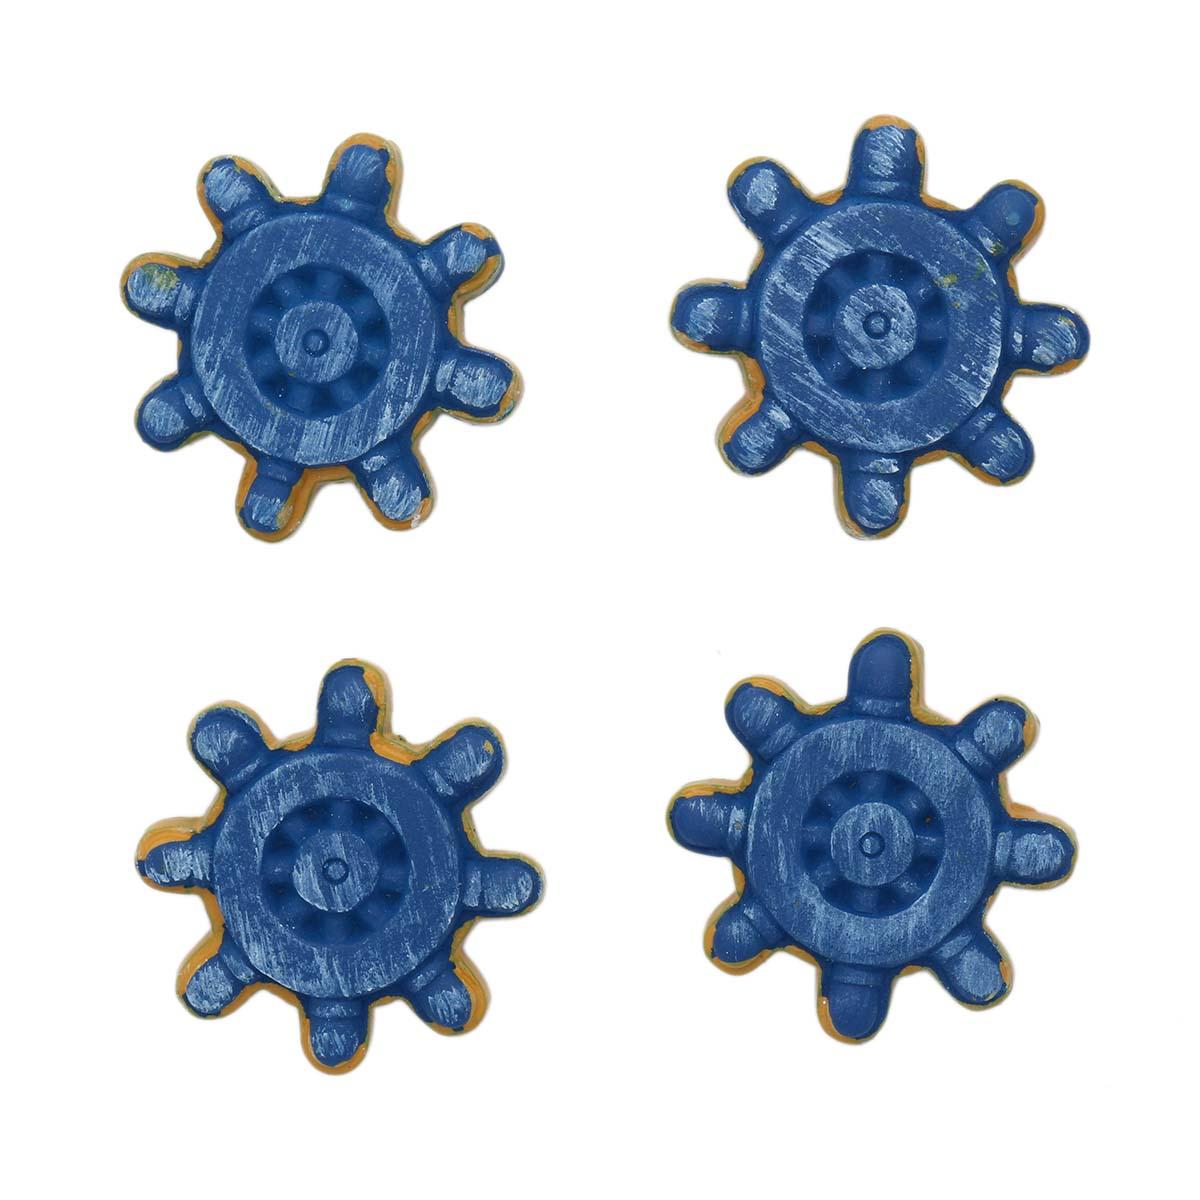 LR15 4590 Объемные фигурки 'Штурвал' (полимер),